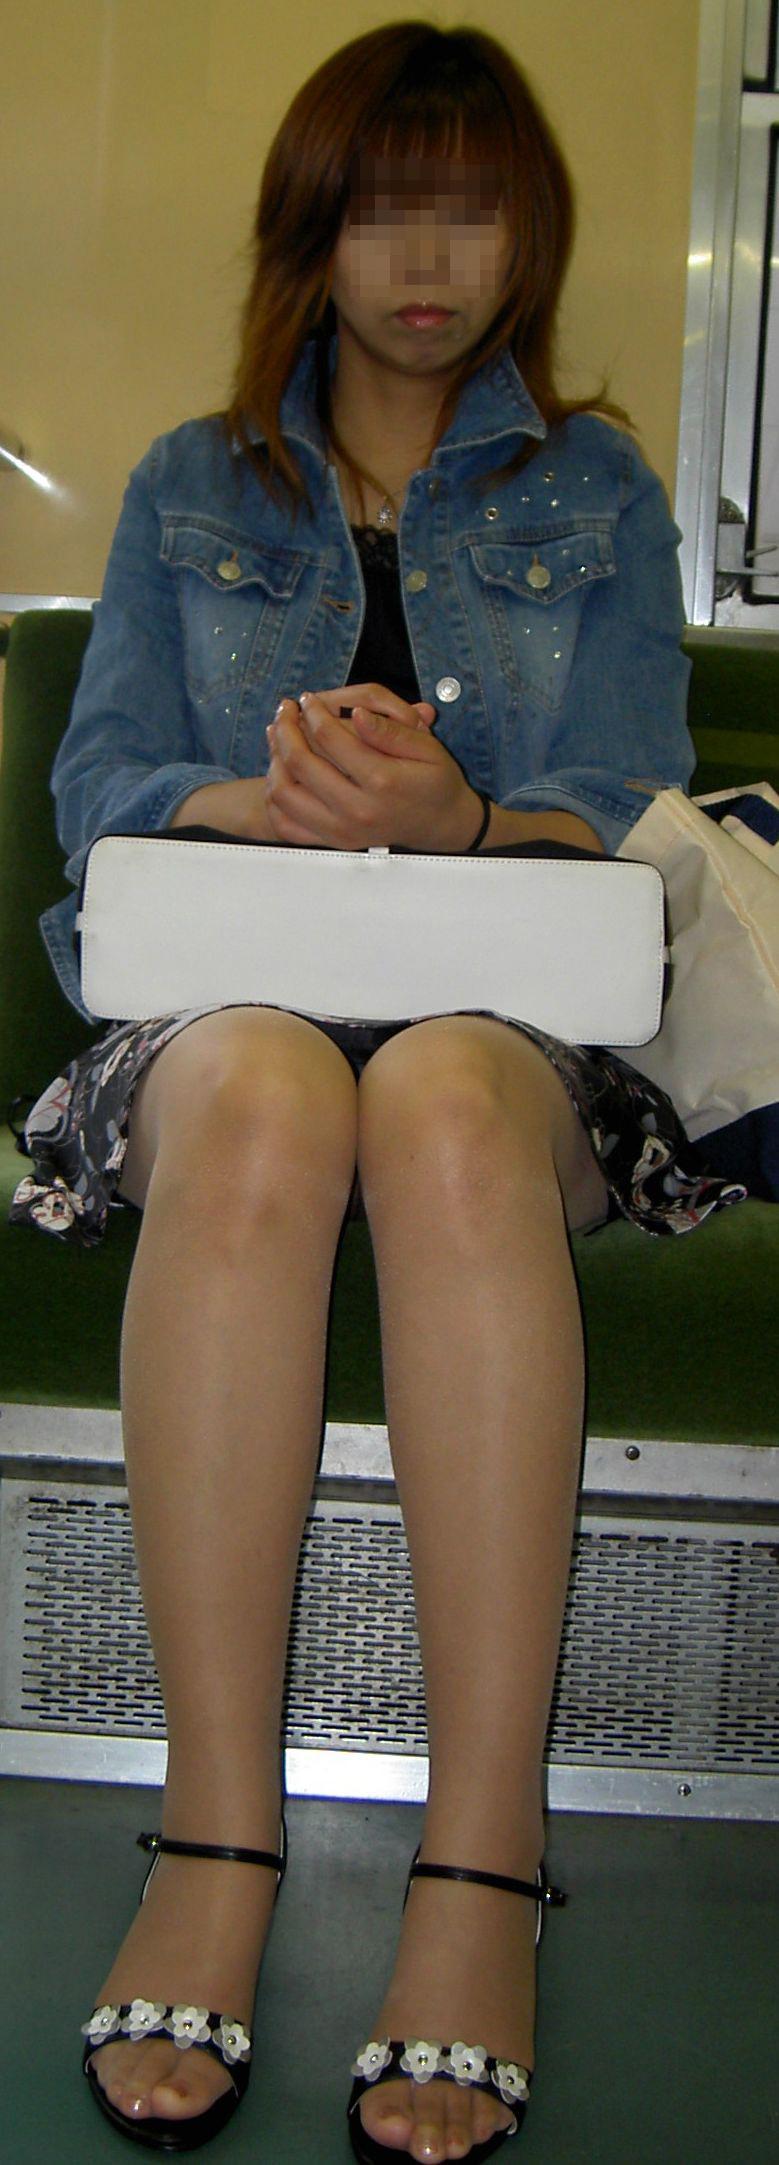 【パンチラエロ画像】対面さえとれば後はこっそり…電車内のパンチラ観察www 16